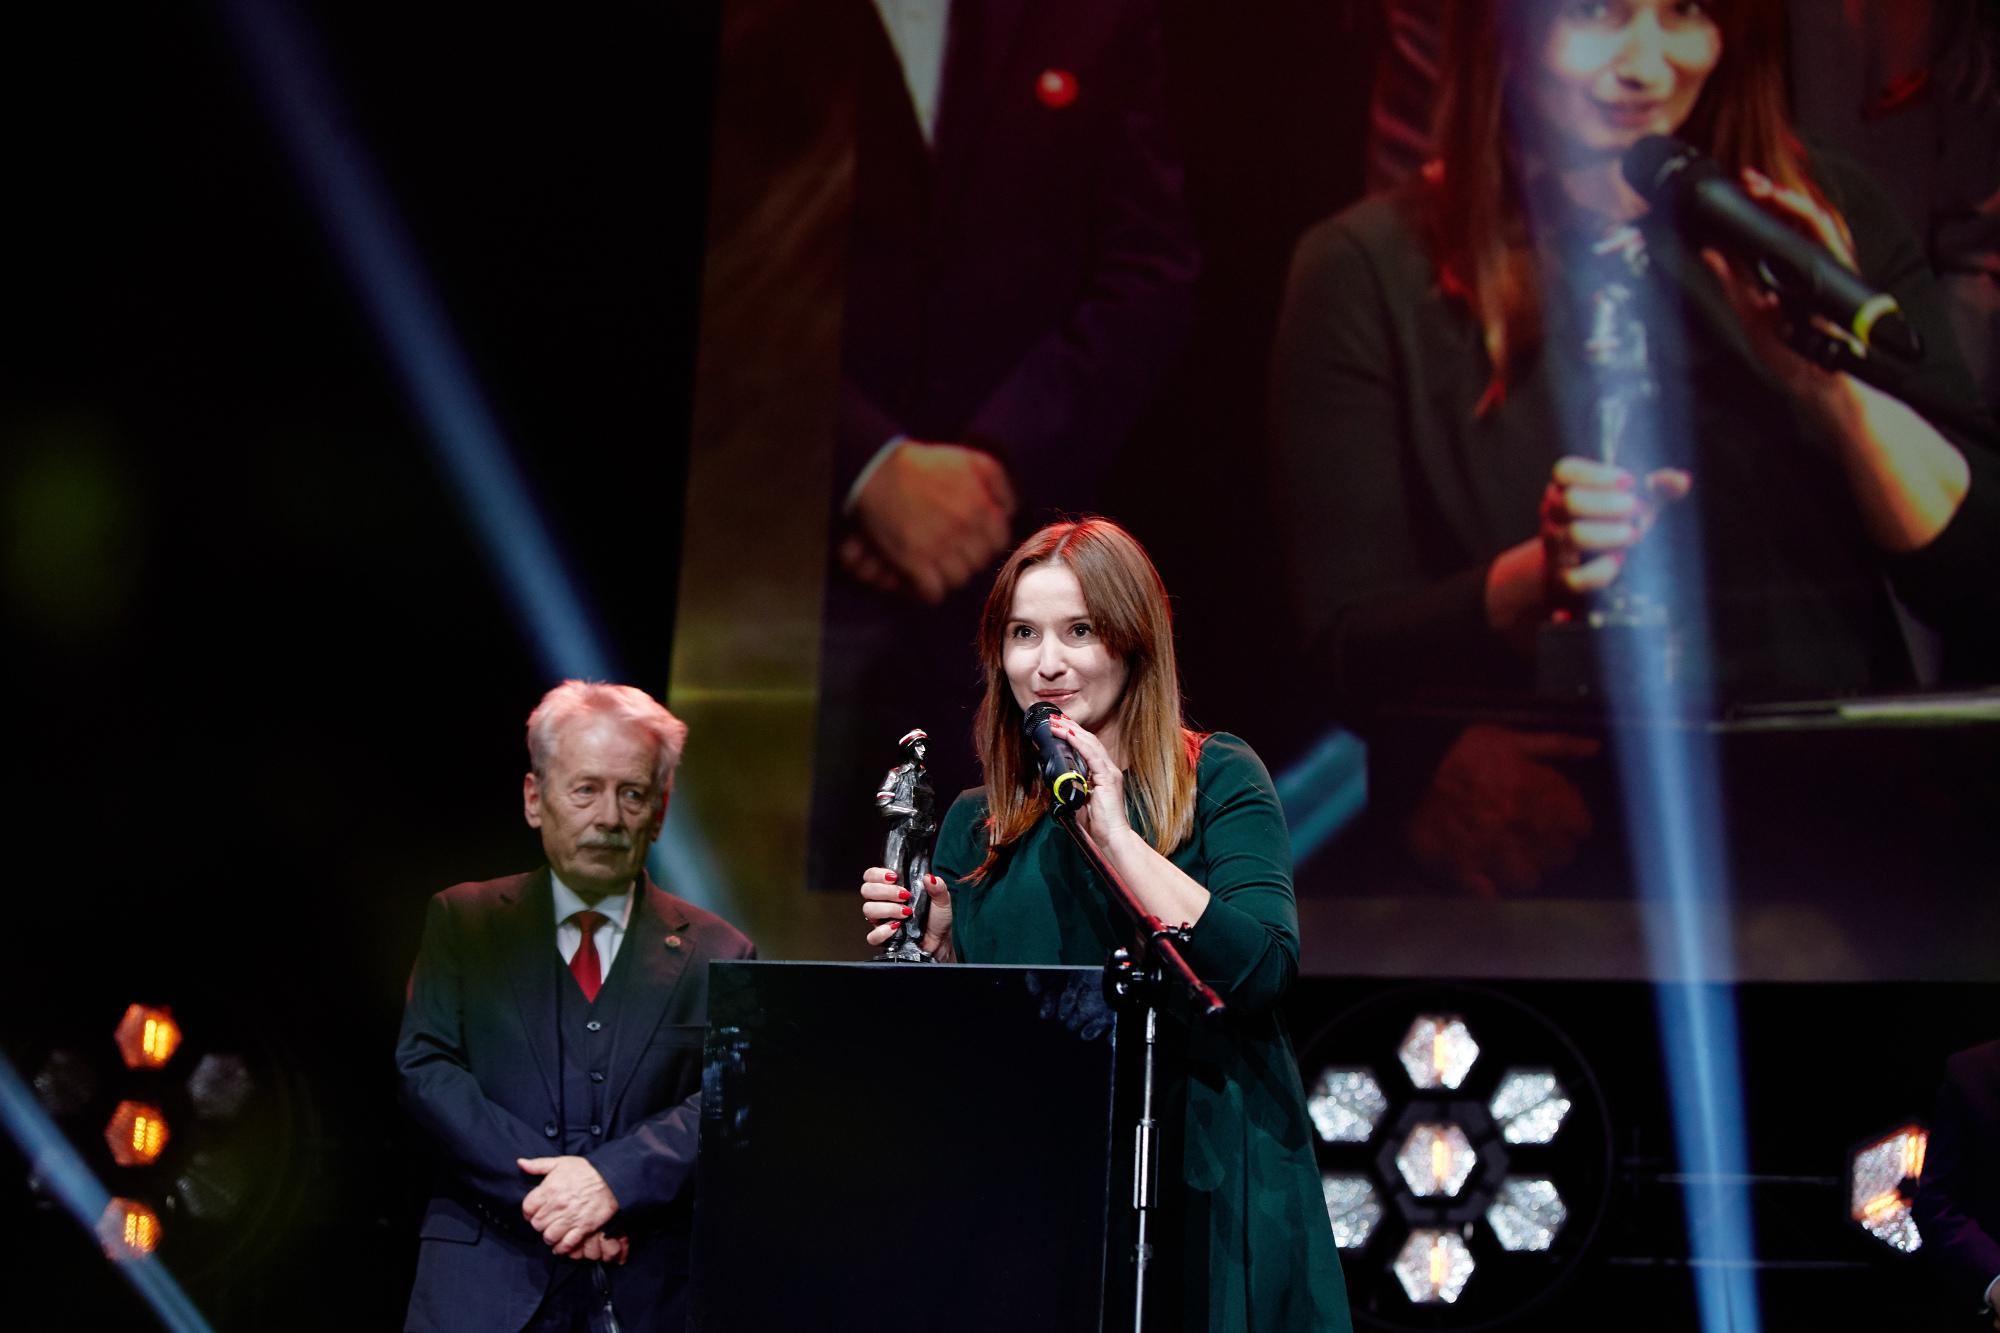 Nagroda_BohaterONy_2019_gala_fot_Michał_Moryl (4)